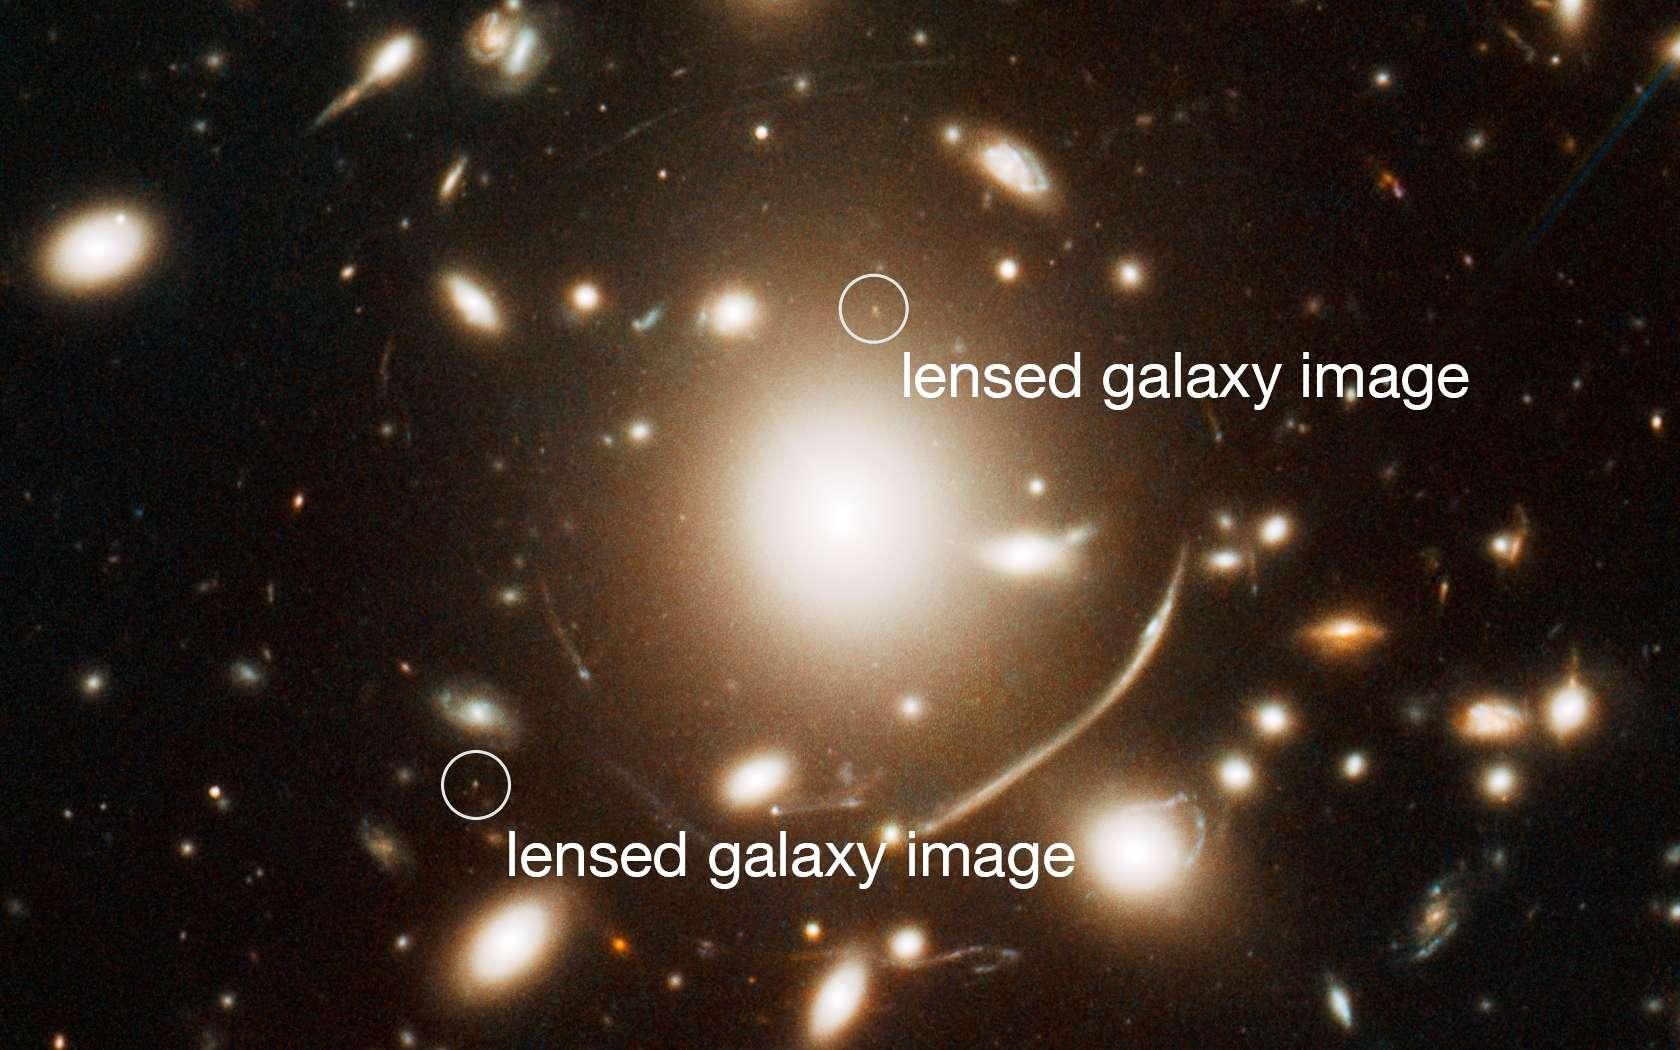 Les amas de galaxies massifs déforment l'espace-temps et sont donc capables de dévier et amplifier la lumière des galaxies lointaines d'arrière-plan. Les amas peuvent alors agir comme une loupe pour certaines galaxies bien alignées et permettent ainsi d'identifier des galaxies qui ne seraient pas visibles autrement. En observant l'amas de galaxie Abell 383 une équipe d'astronomes a identifié une galaxie si lointaine que nous la voyons alors que l'univers n'avait que 950 millions d'années. Elle est visible comme deux petits points (marqués) de chaque côté de la galaxie centrale de l'amas. Sur cette photographie prise par le télescope spatial Hubble, on identifie aussi d'autres images de galaxies fortement déformées apparaissant comme des arcs, mais plus proches que la paire de galaxies identifiée. © Nasa, Esa, J. Richard (CRAL) and J.-P. Kneib (LAM)